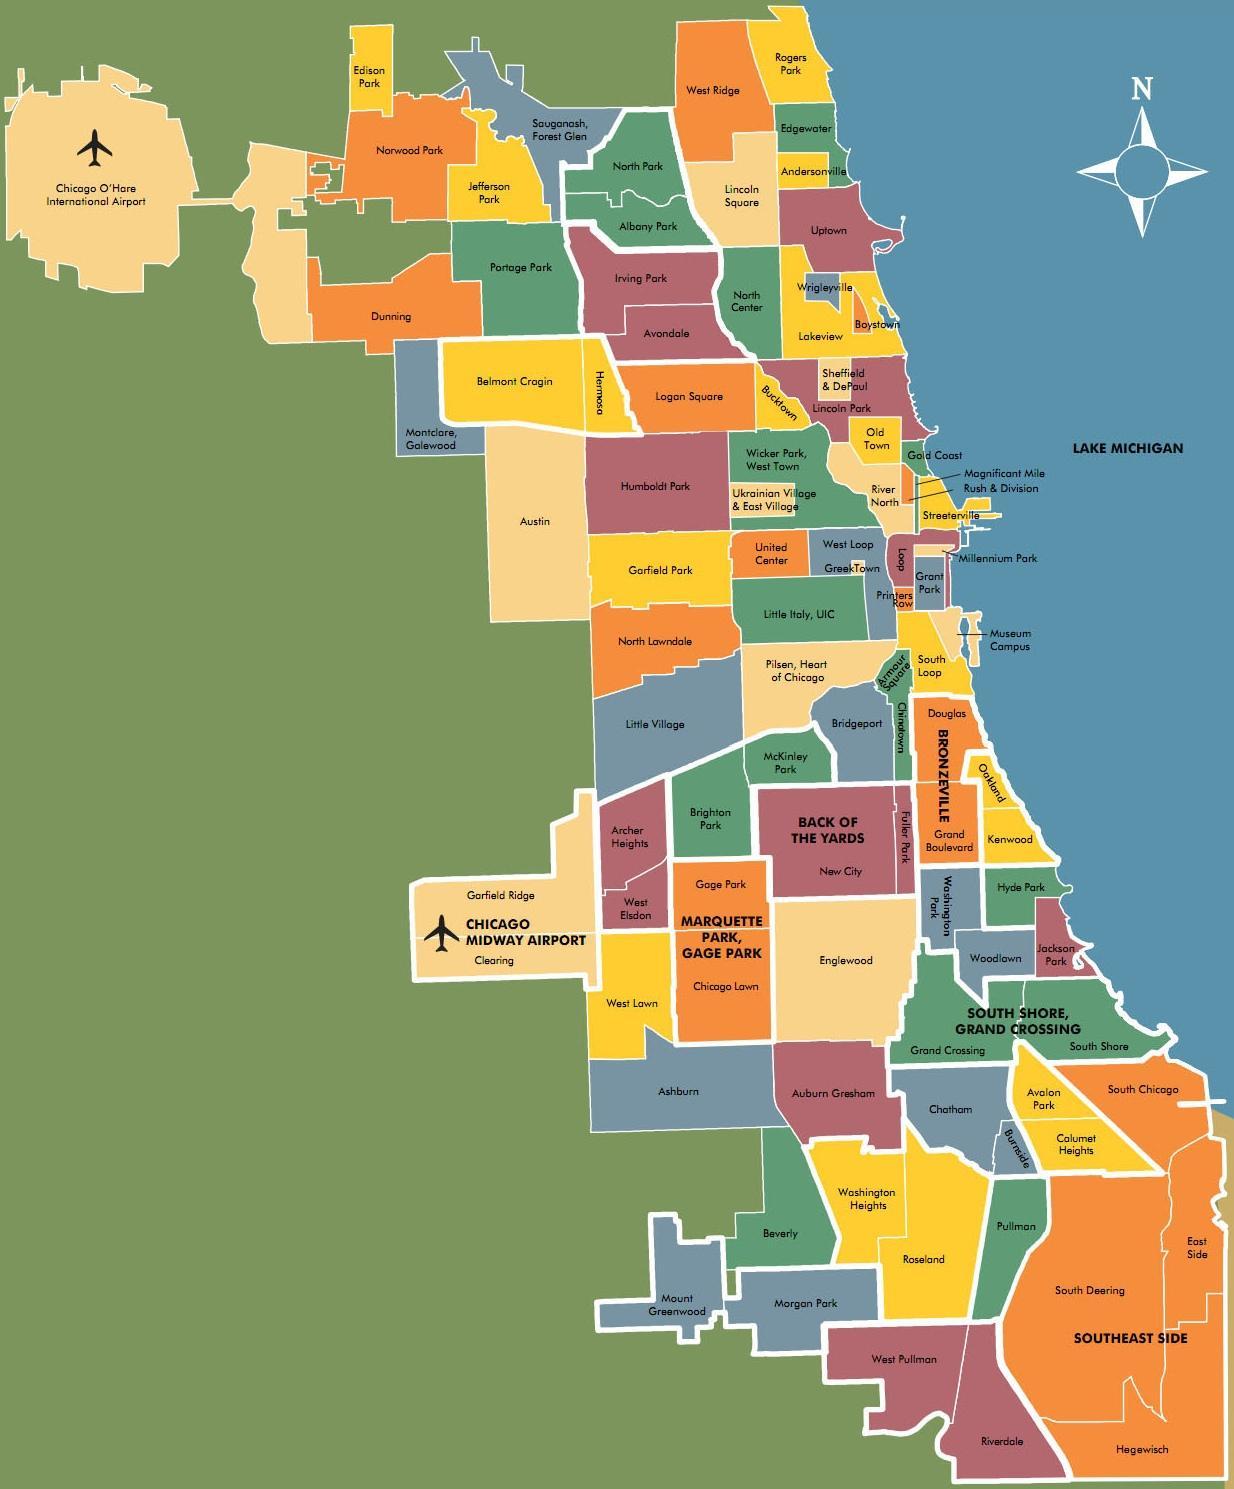 Chicago neighborhood map - Map of neighborhoods in Chicago